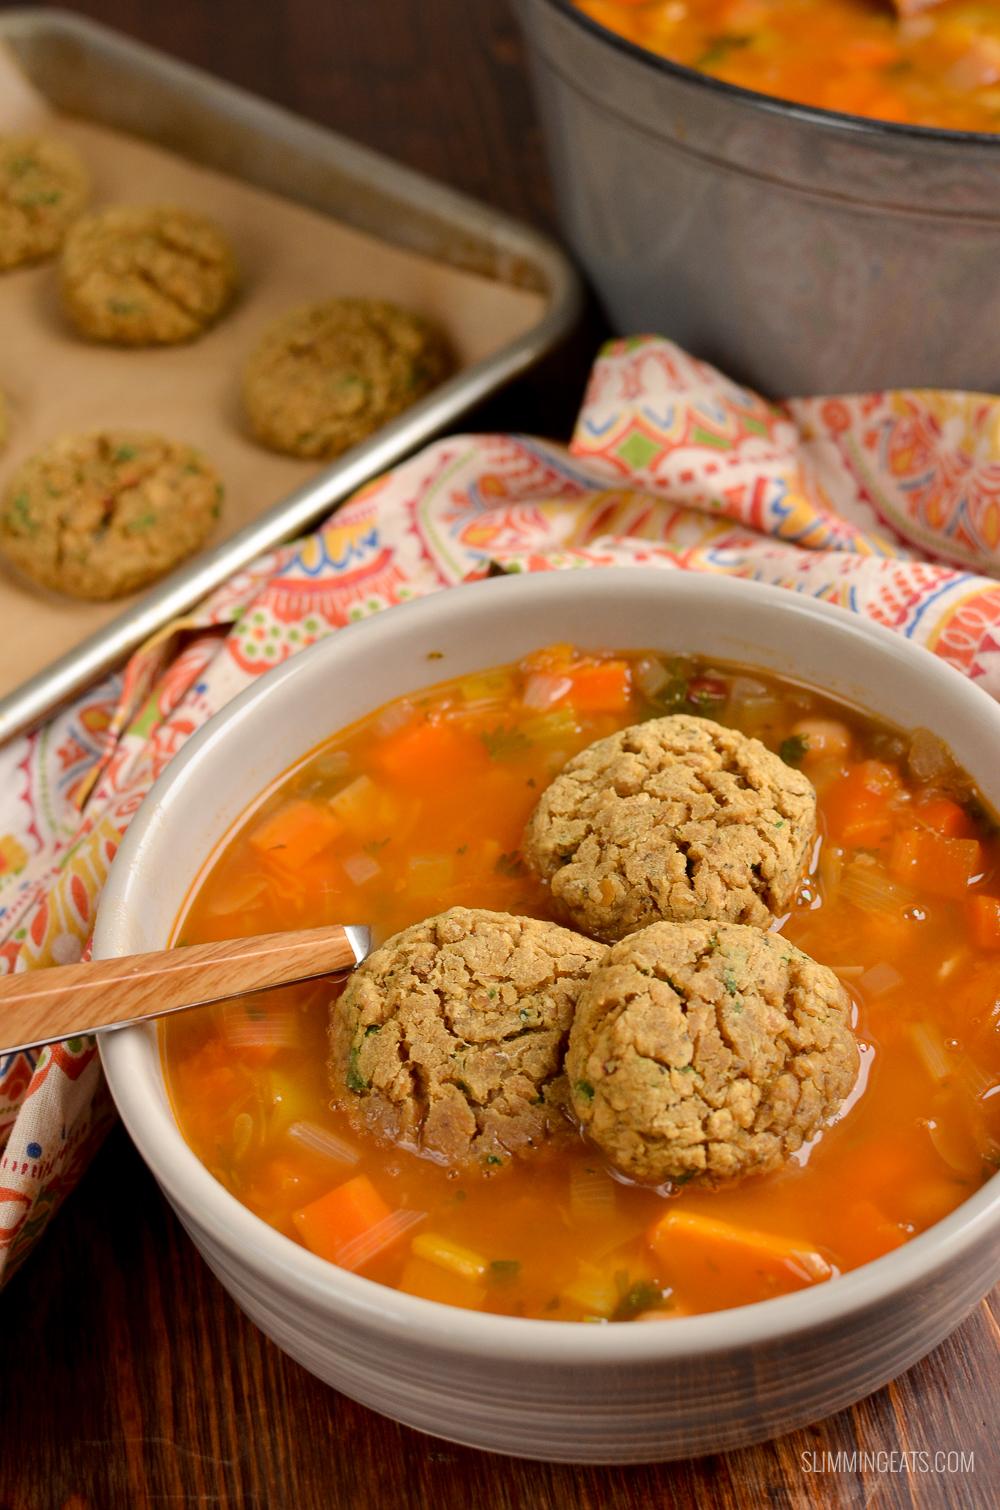 vegan lentil dumplings in vegetable bean stew with tray of dumplings in background